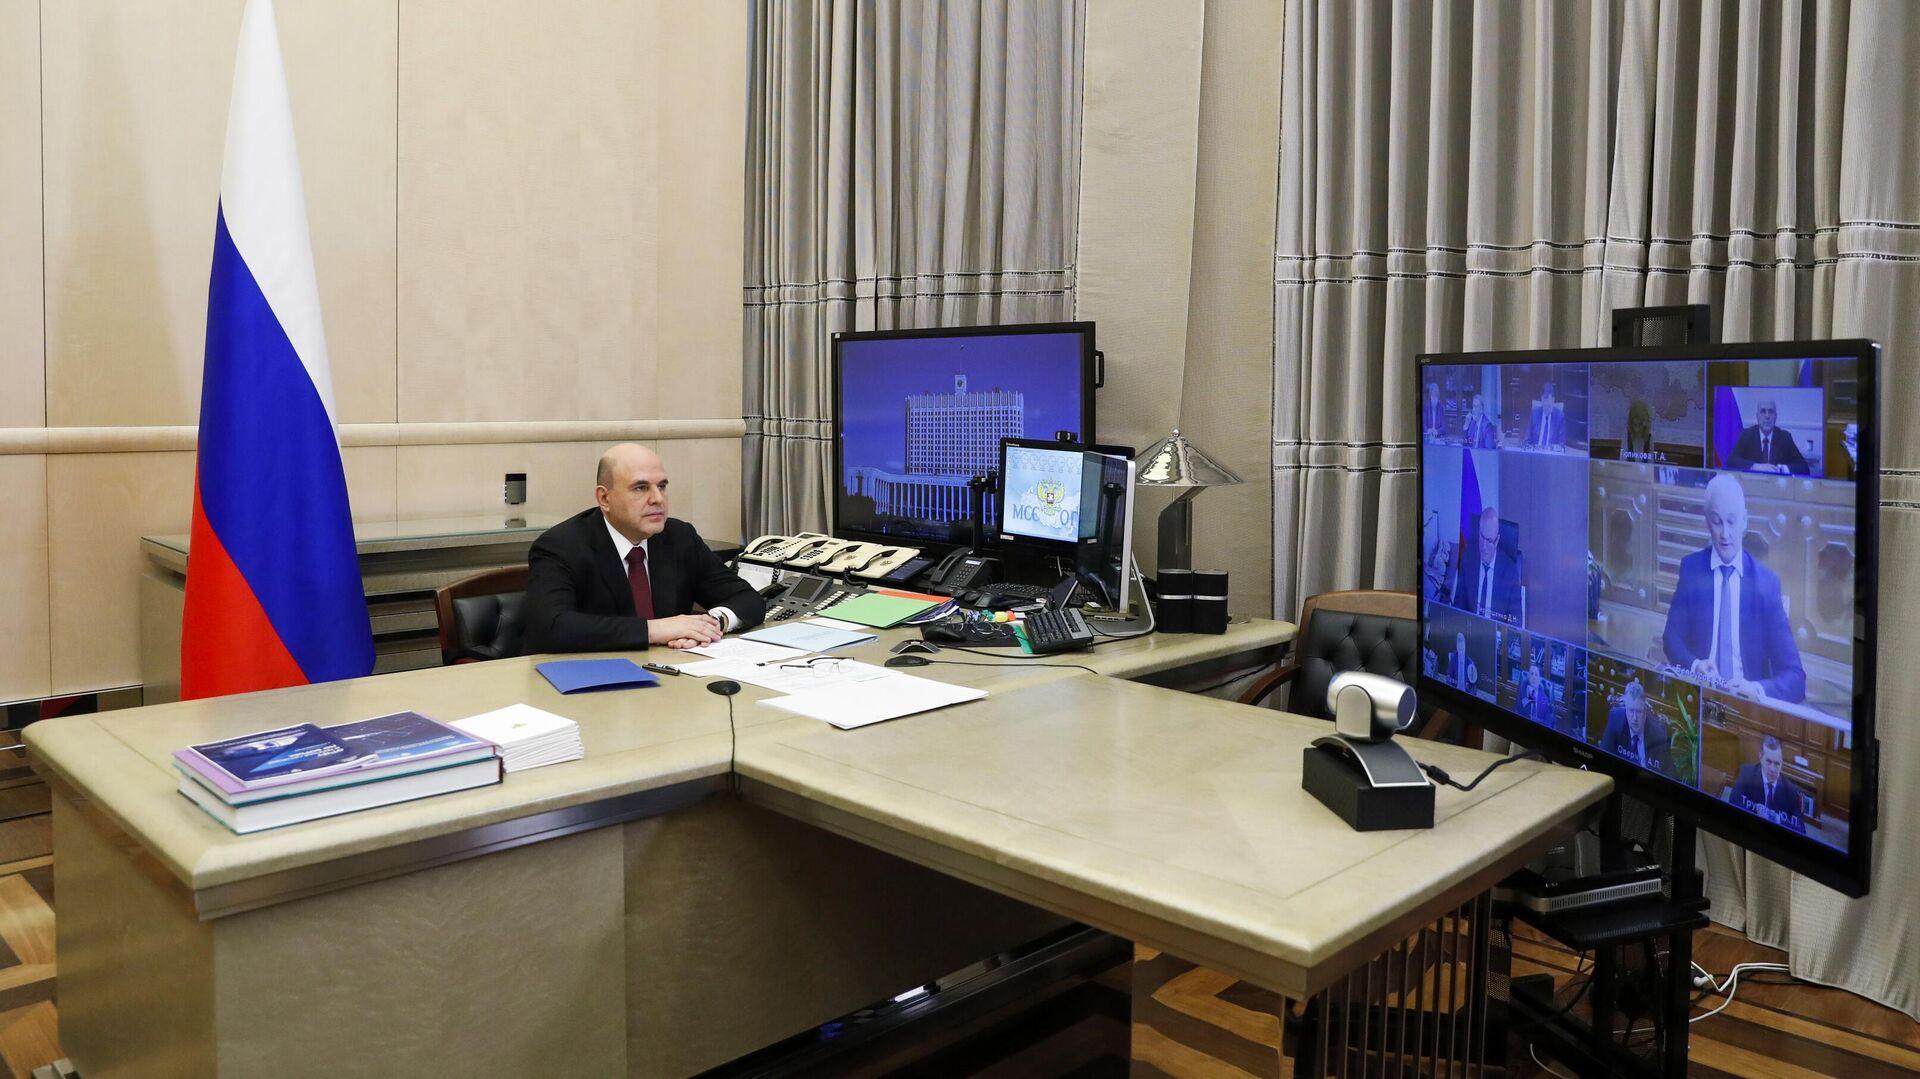 Премьер-министр РФ М. Мишустин провел совещание с вице-премьерами РФ - РИА Новости, 1920, 19.07.2021